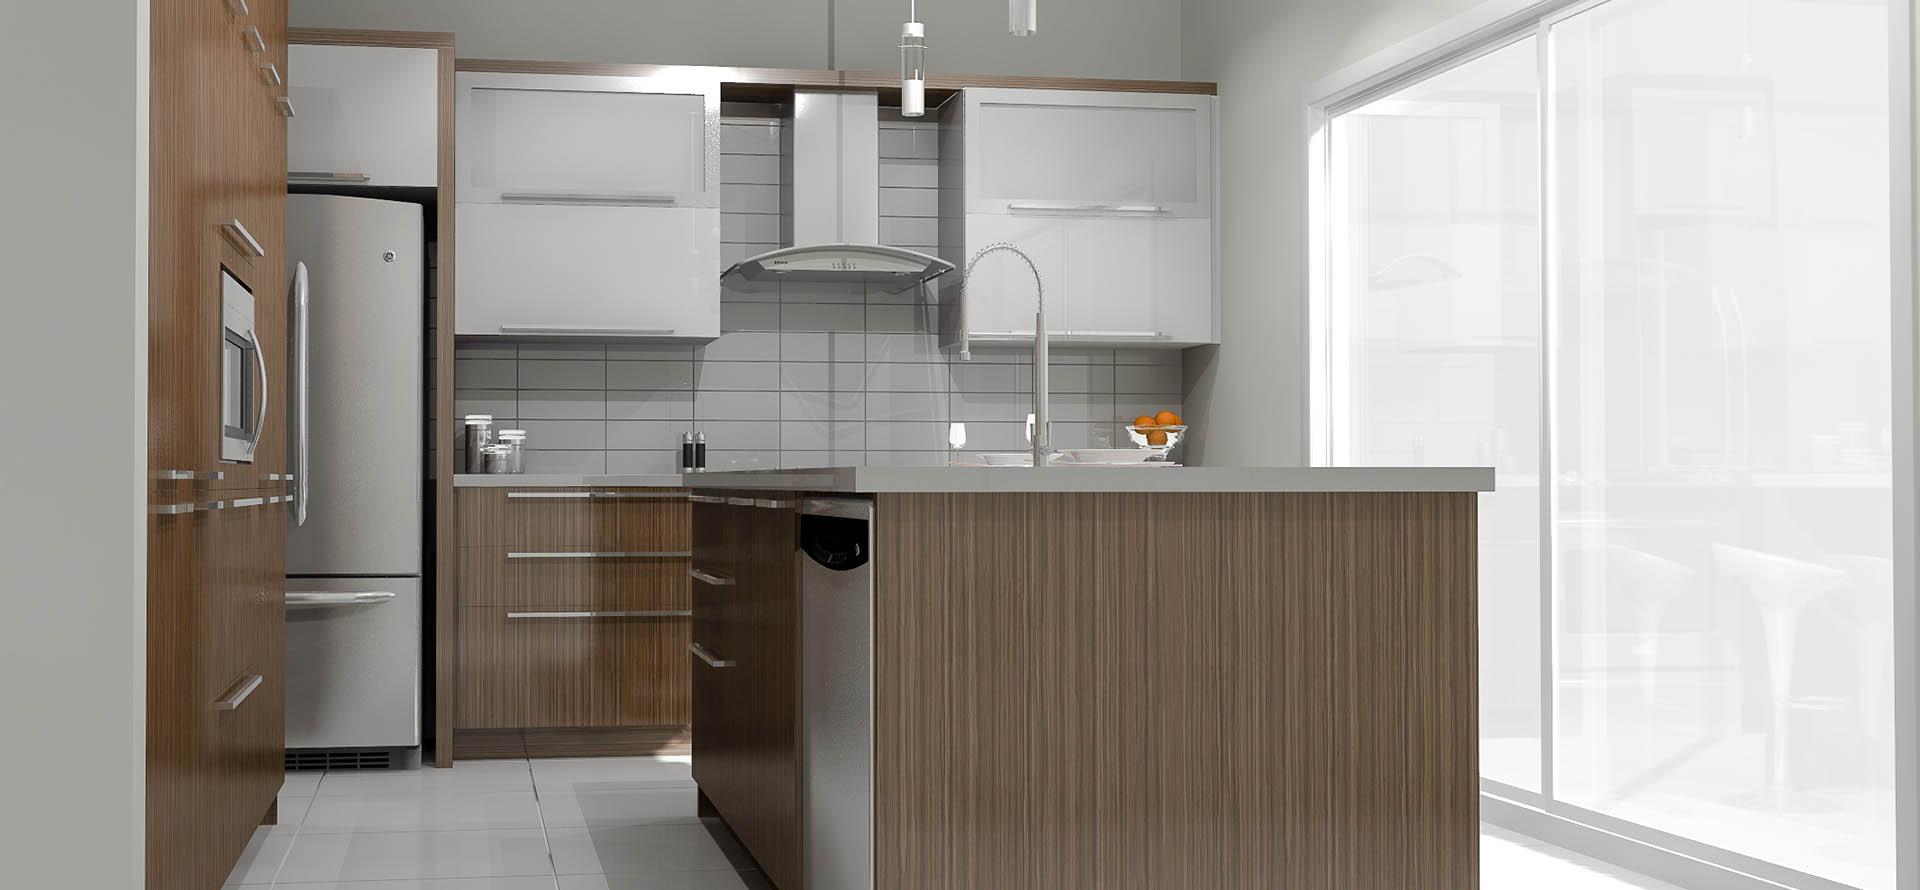 plan de cuisine 3d gratuit maison et mobilier. Black Bedroom Furniture Sets. Home Design Ideas